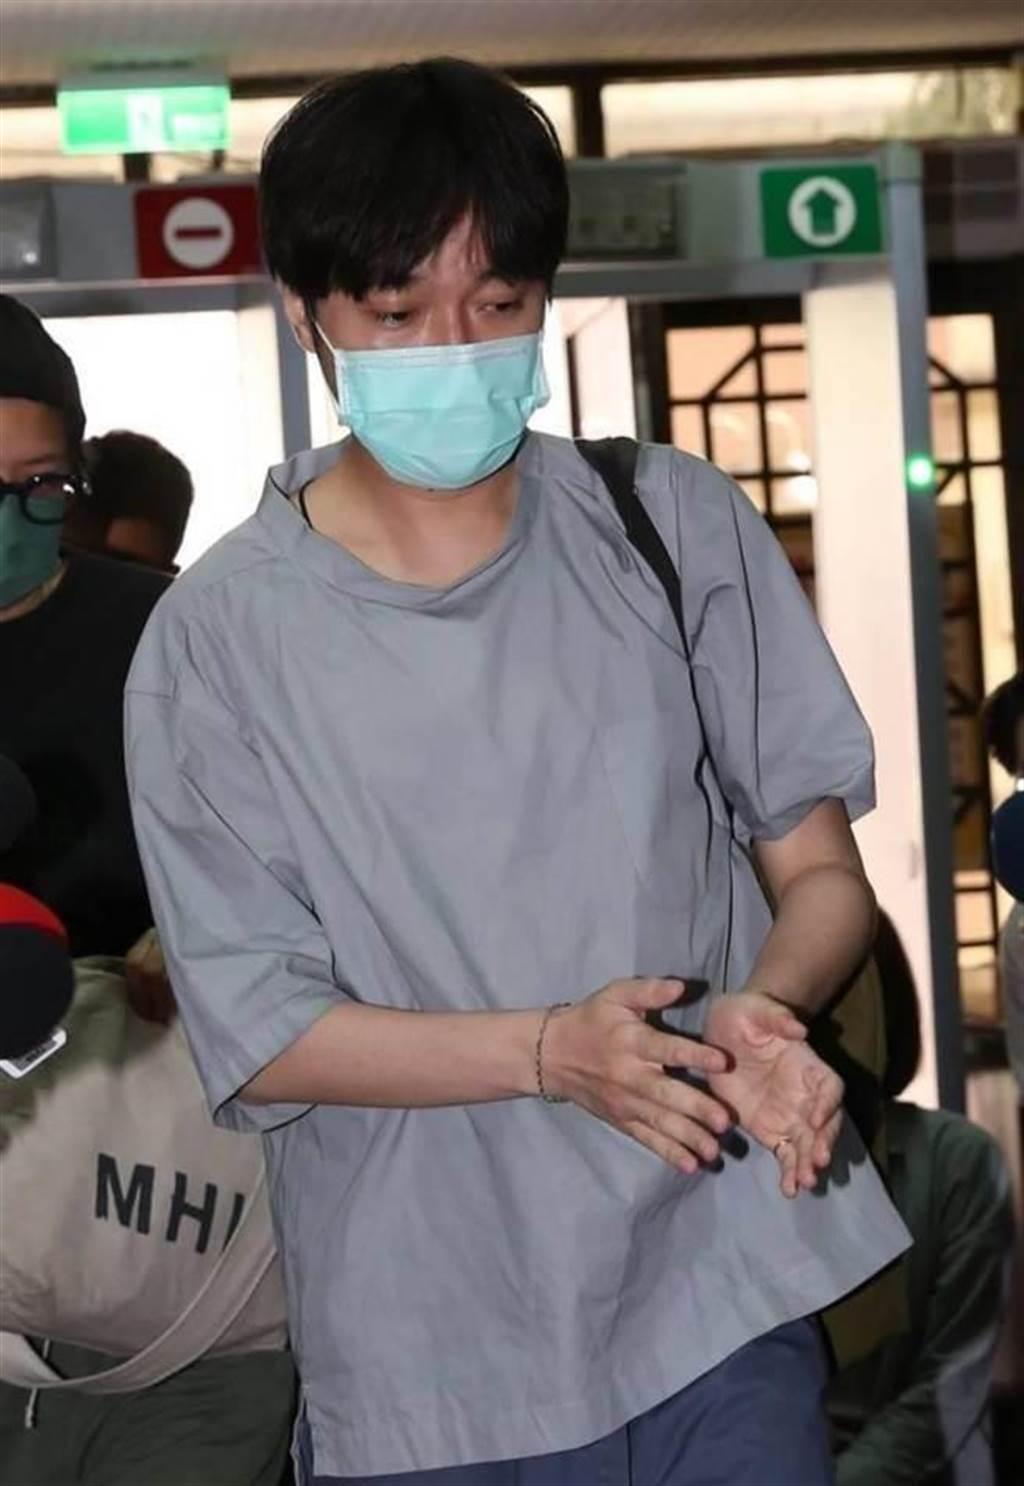 蘇打綠主唱吳青峰被恩師林暐哲控告違反著作權遭起訴,台北地院15日判他無罪。(本報資料照片)